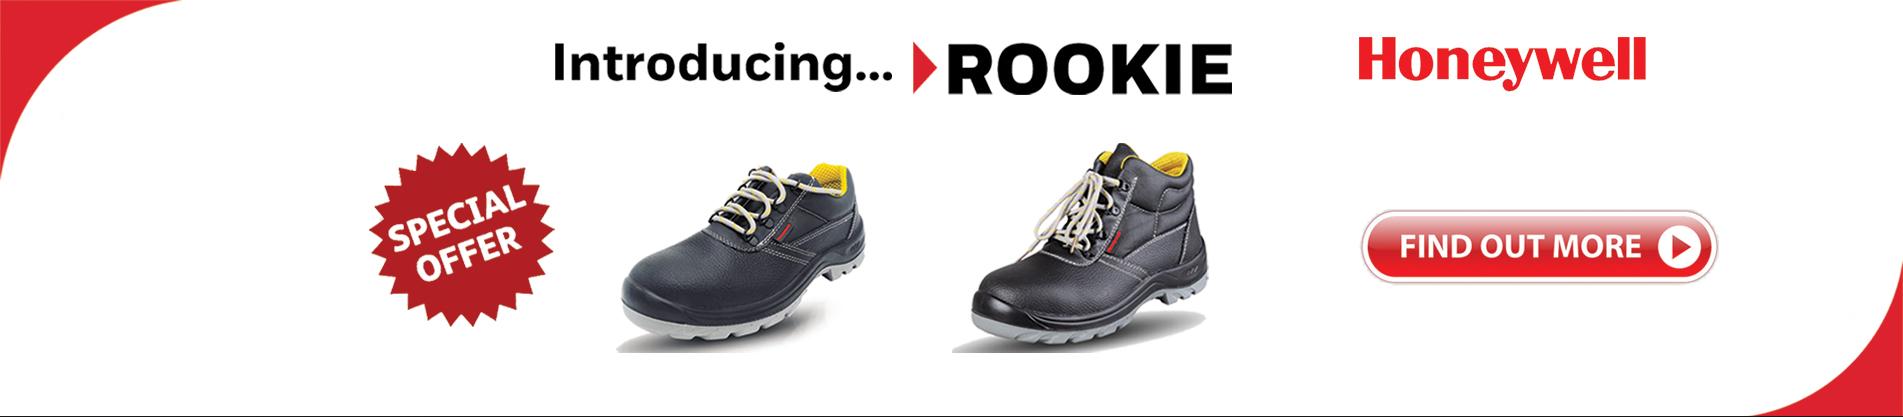 Rookie homepage banner-1